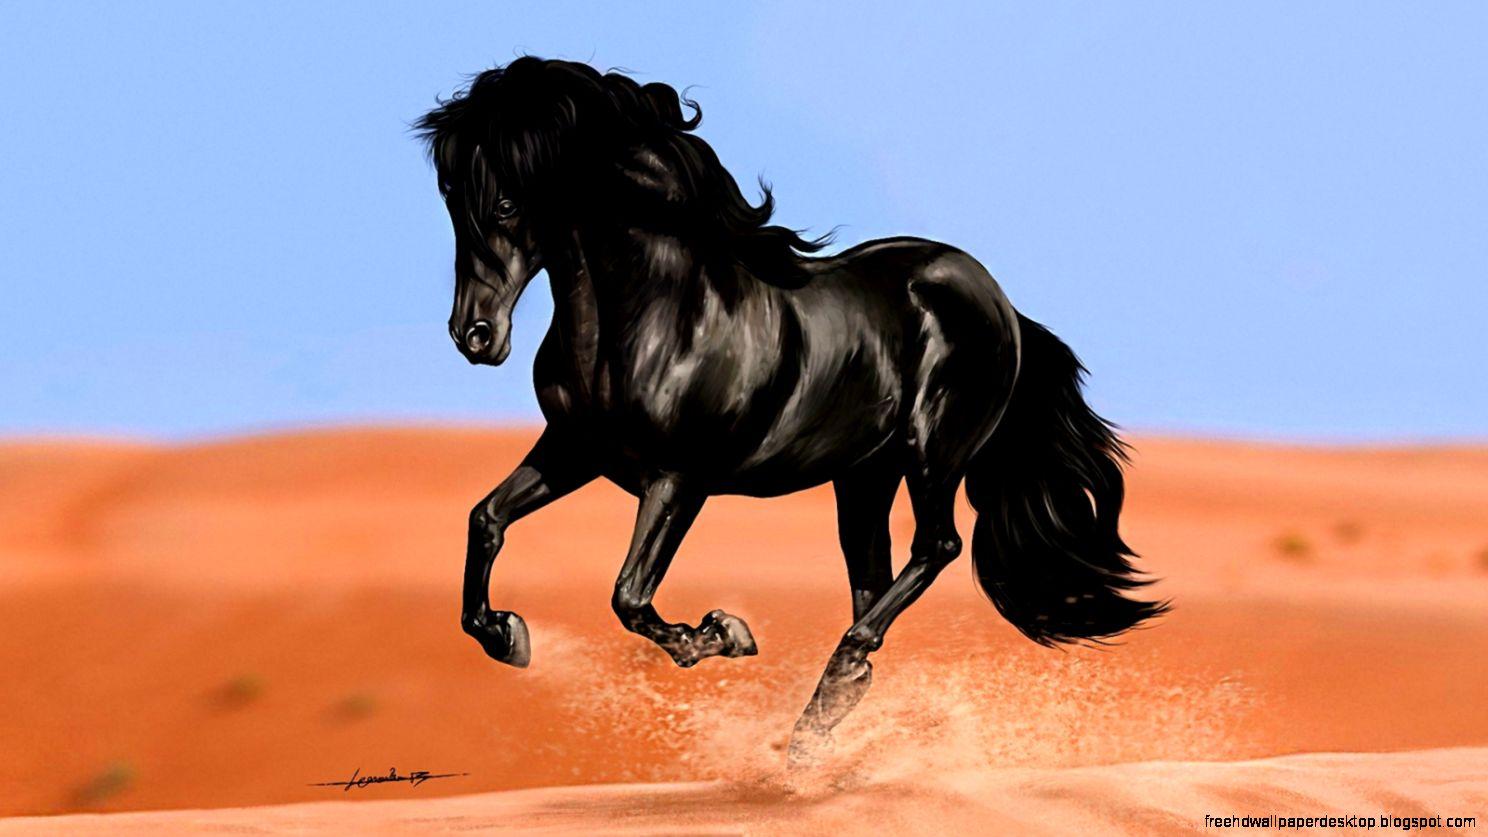 Best   Wallpaper Horse Art - black-horse-hd-wallpapers-black-horse-images-cool-wallpapers  Trends_667527.jpg